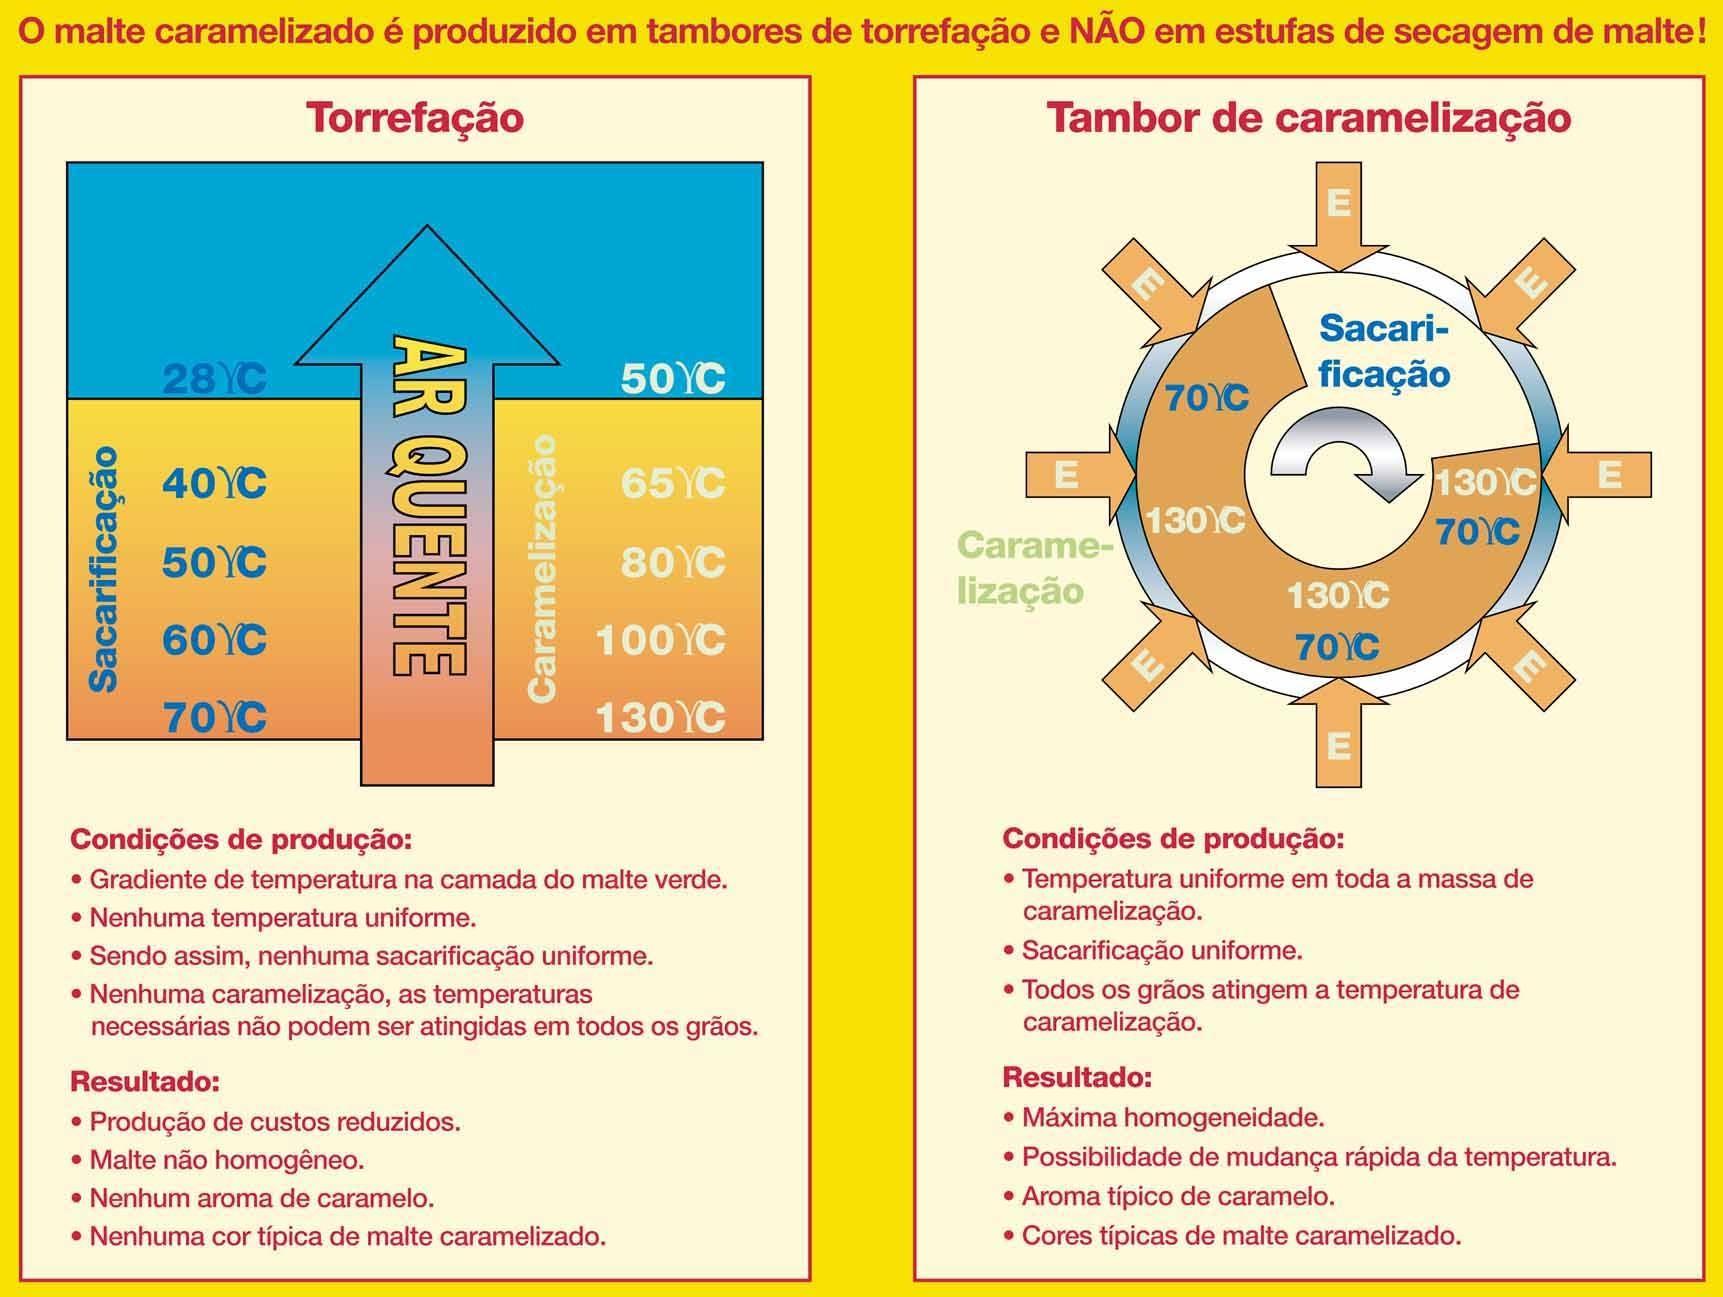 Vergleich Rösttrommel Weyermann® - Torrefacao-Tambor